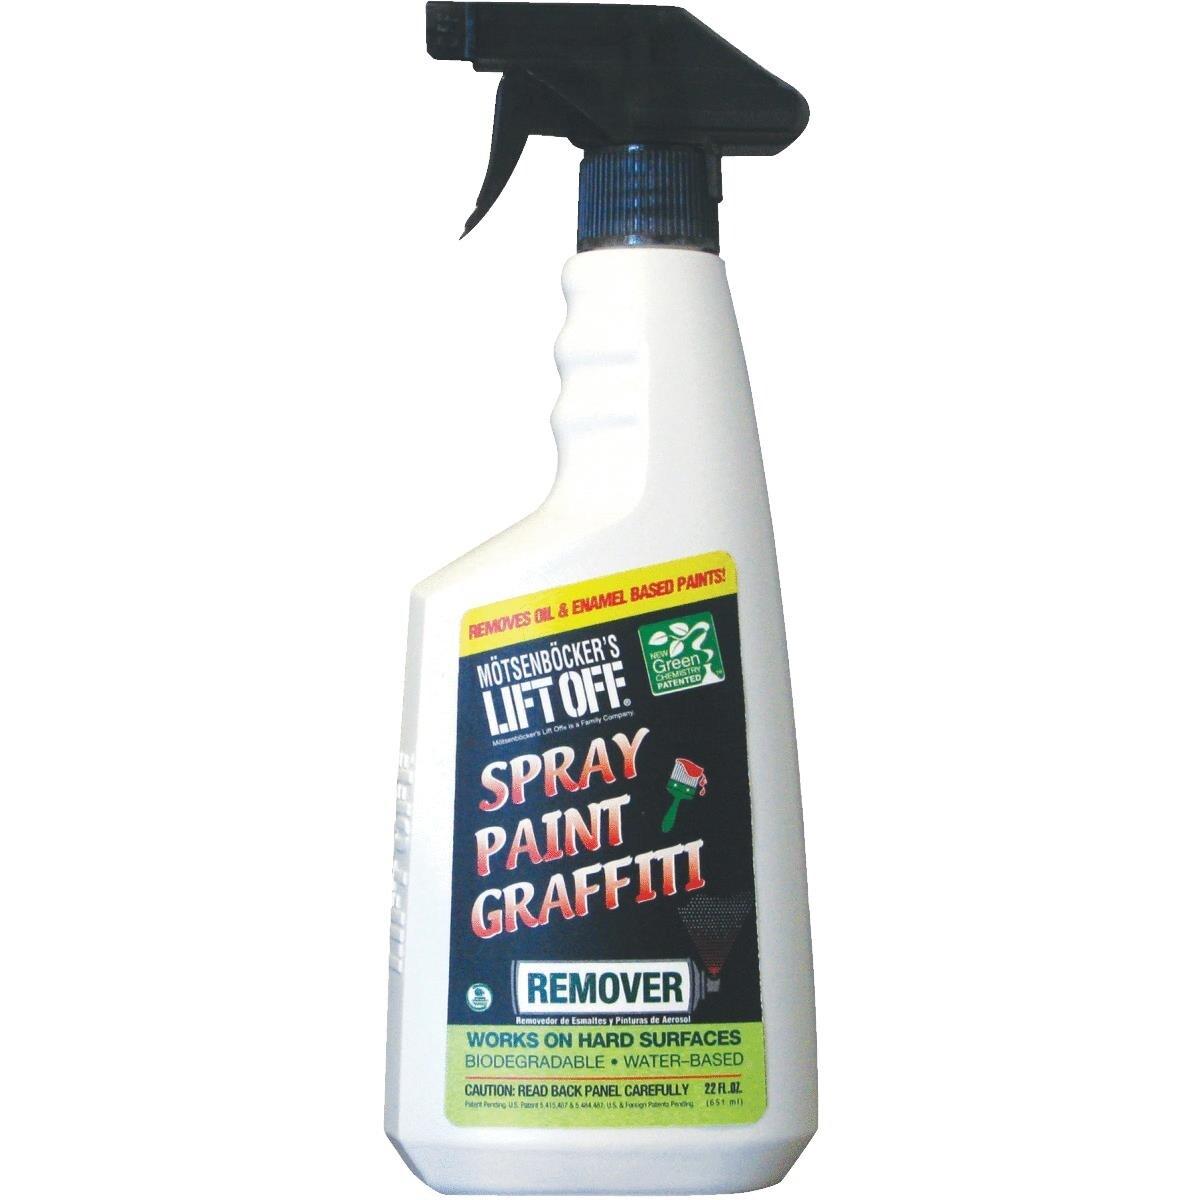 Motsenbocker's 22Oz Spray Paint Remover